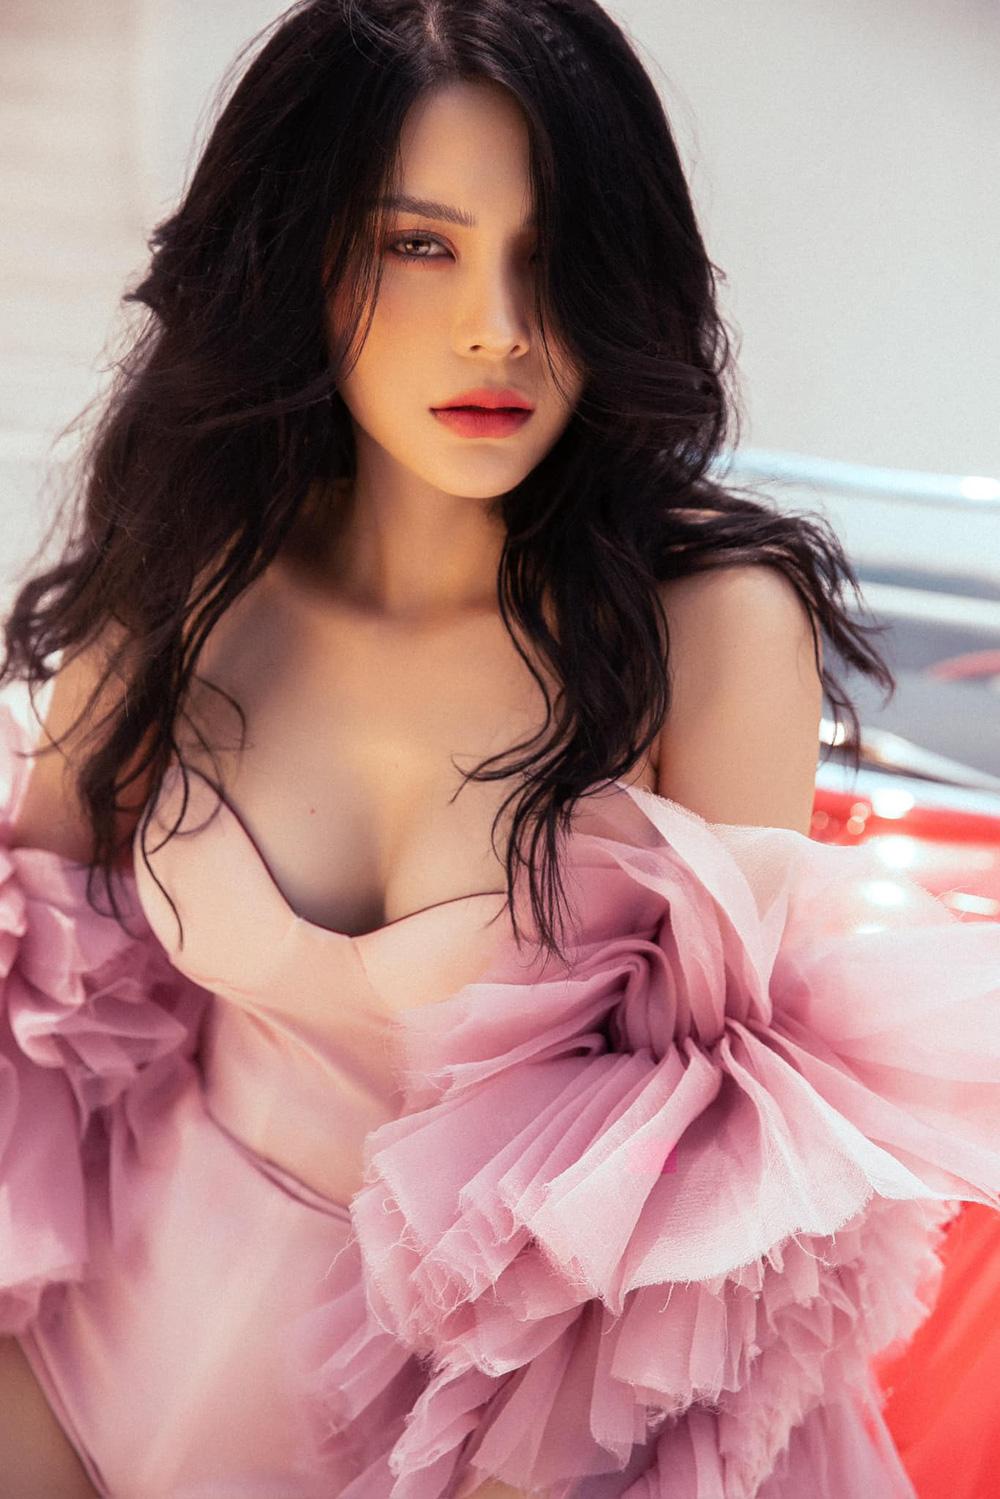 Hậu scandal yêu chung tỷ phú với Ngọc Trinh, Lily Chen: Mây tầng nào gặp mây tầng đó - ảnh 1